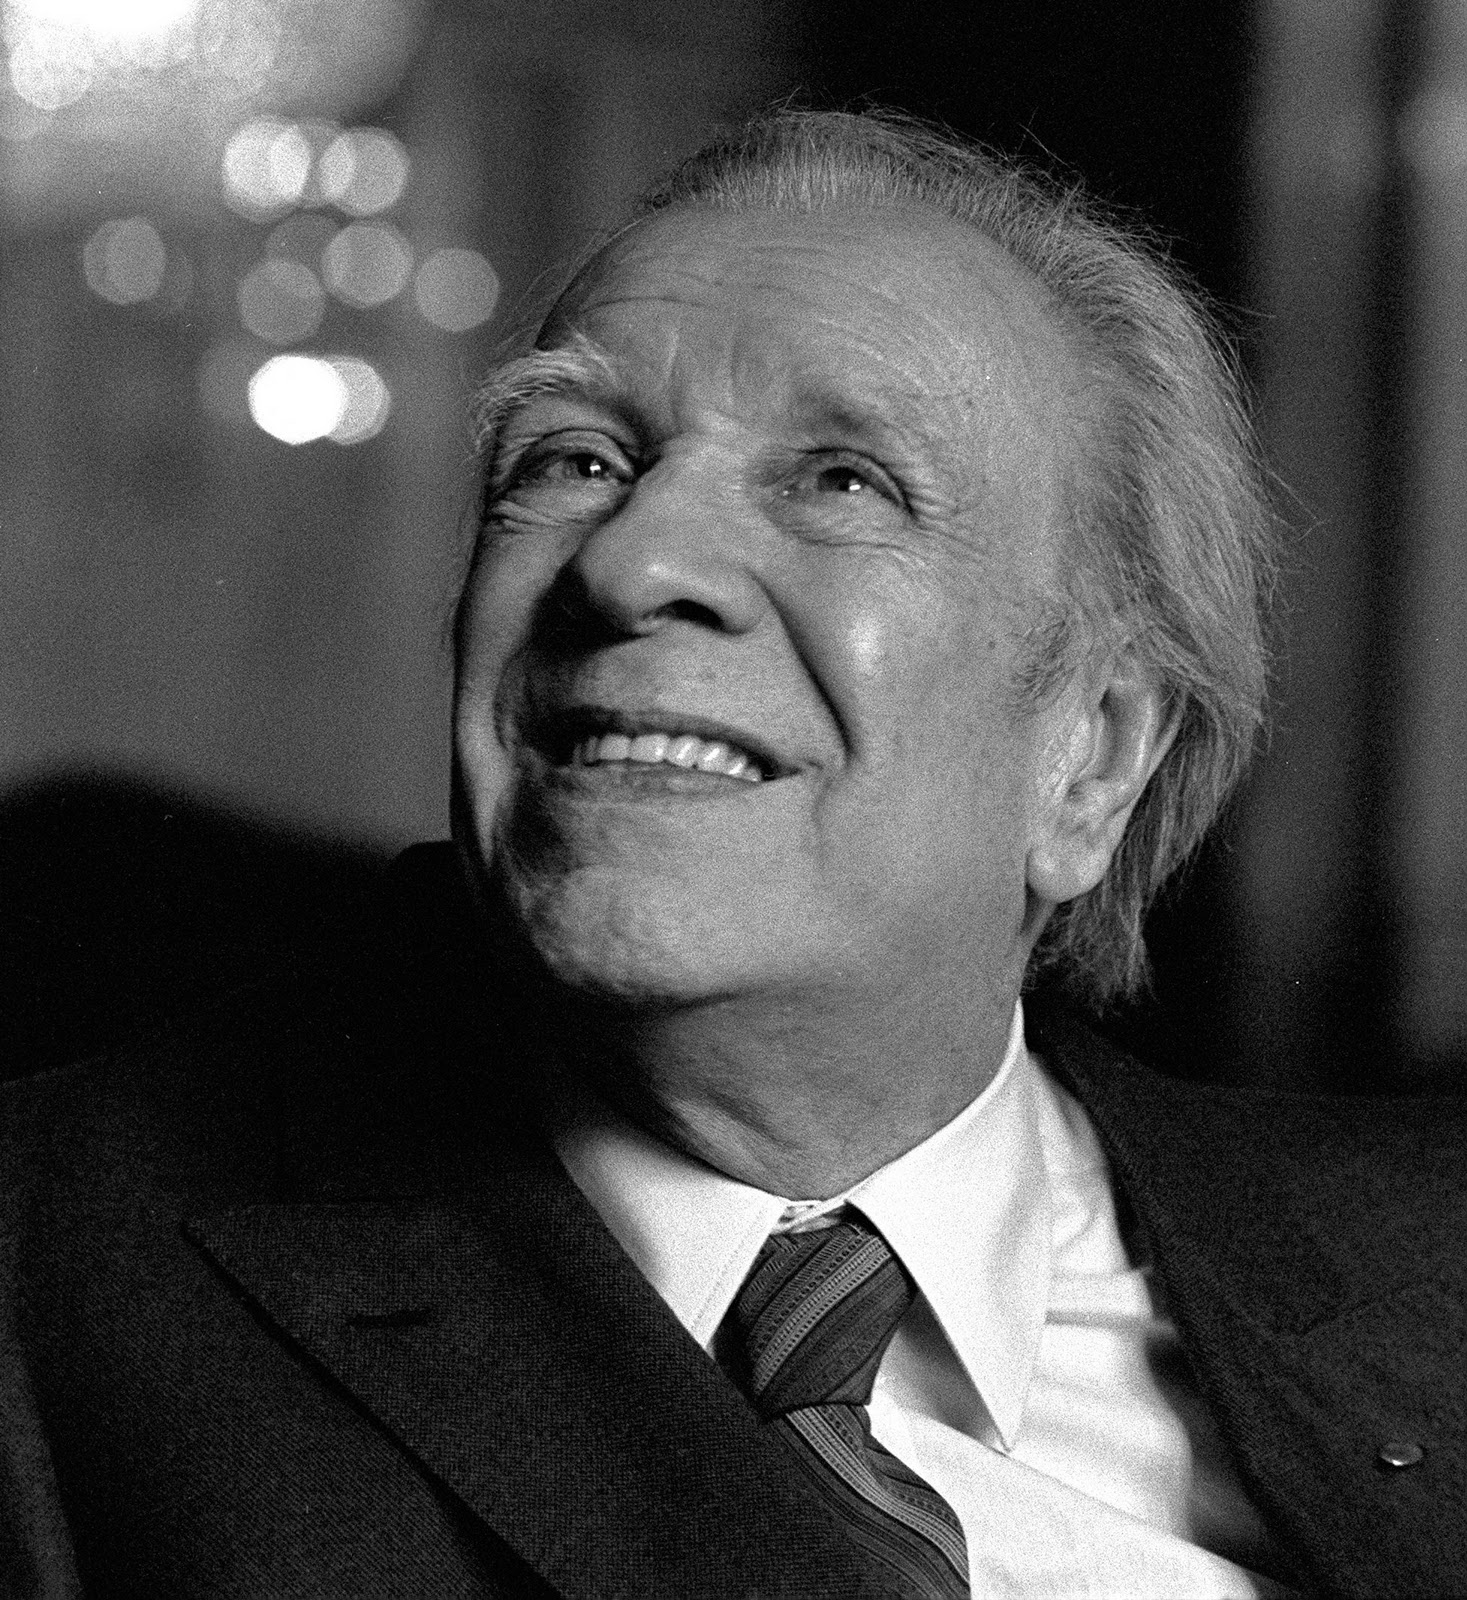 Jorge Luis Borges: O Homem no Espelho do Livro, de James Woodall